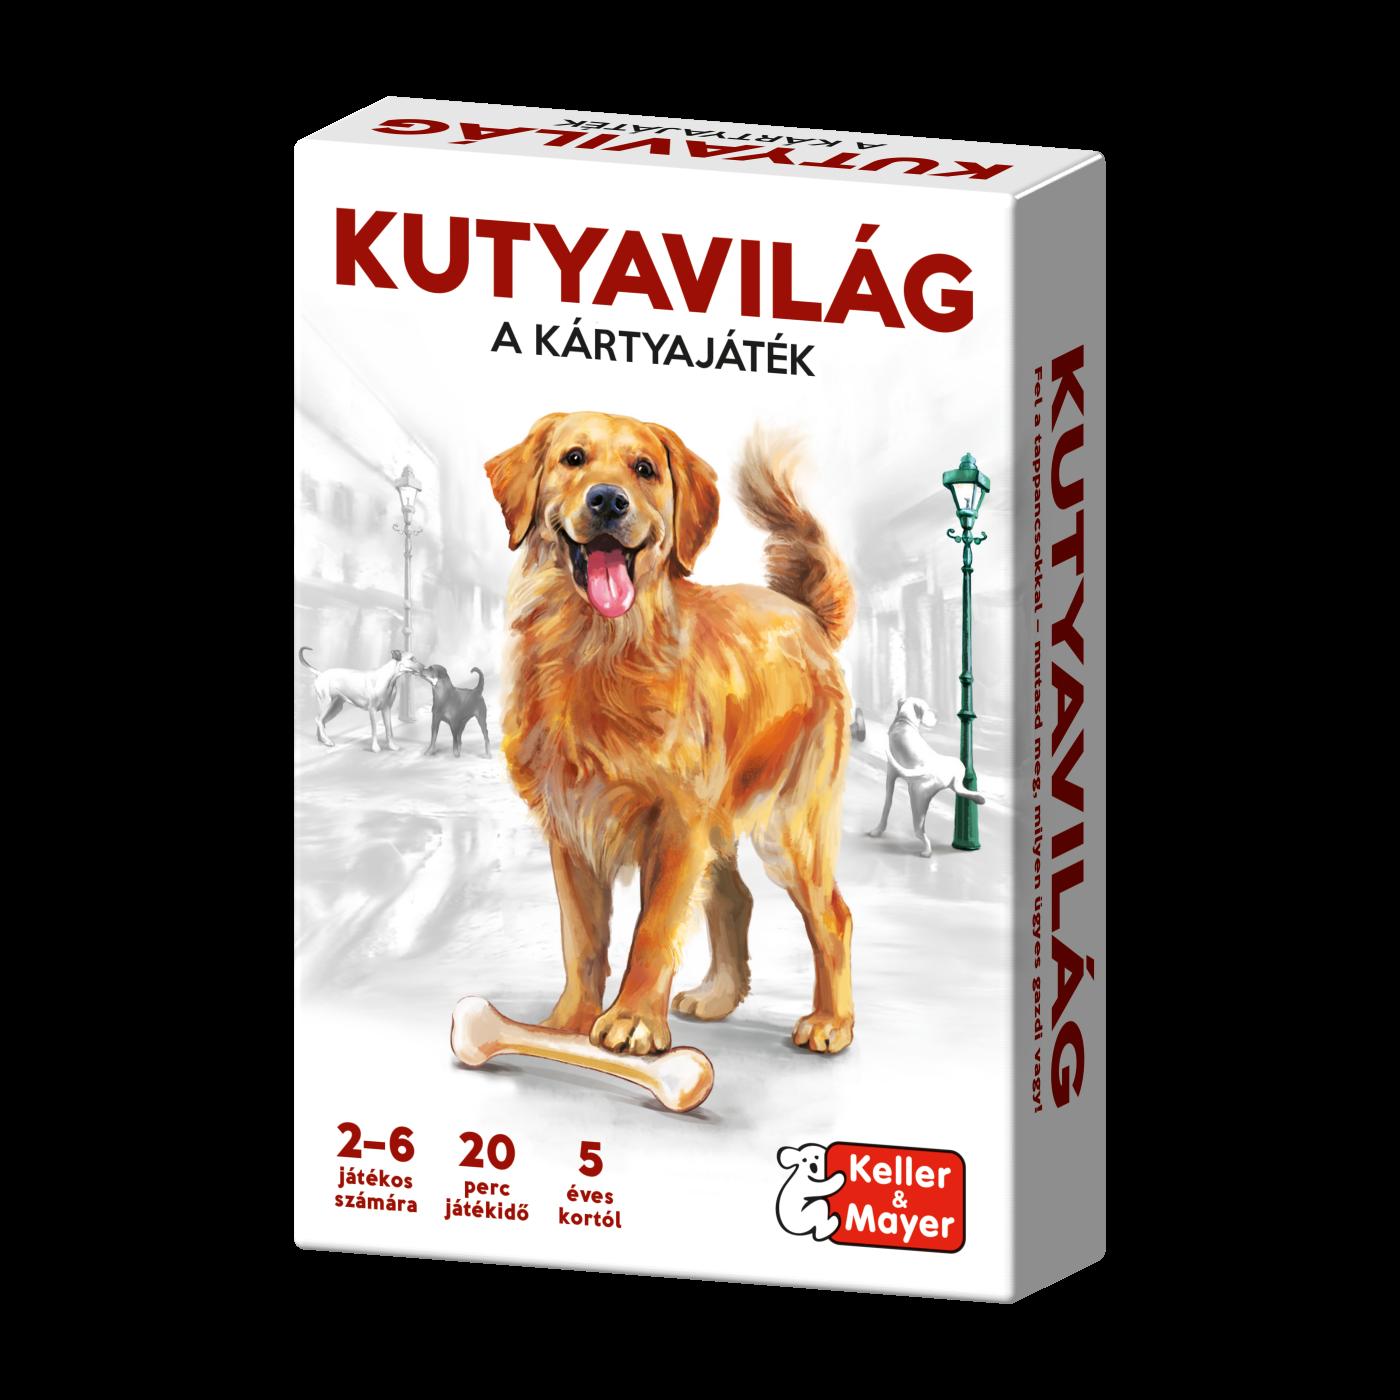 Kutyavilág - a kártyajáték